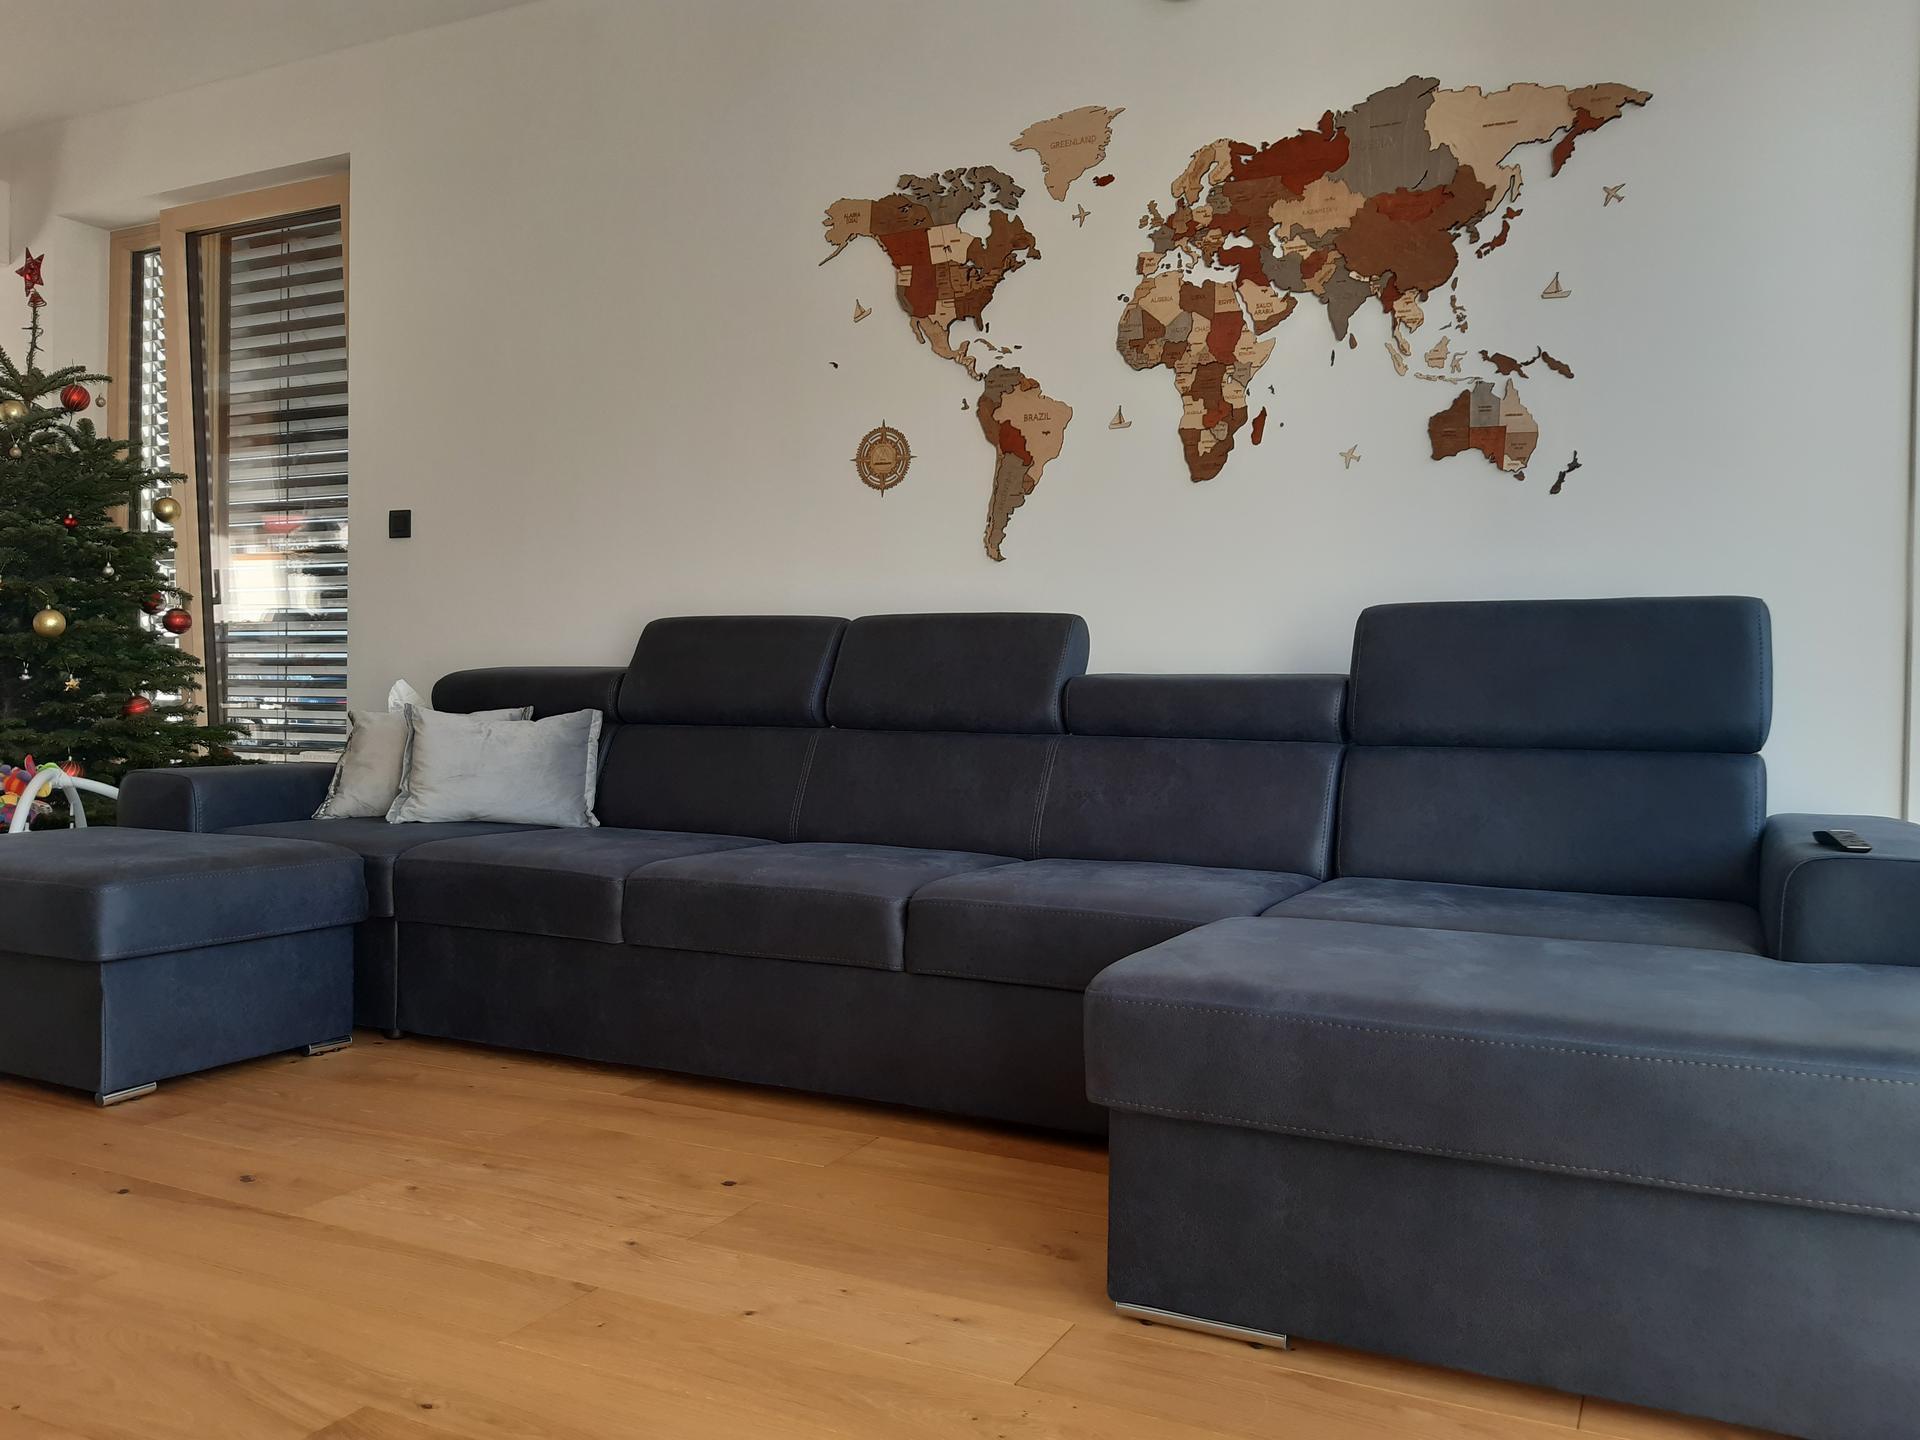 Zariadujeme nas domov pri Dunaji - Mapa sveta na dekoraciu a dovzdelavanie sa